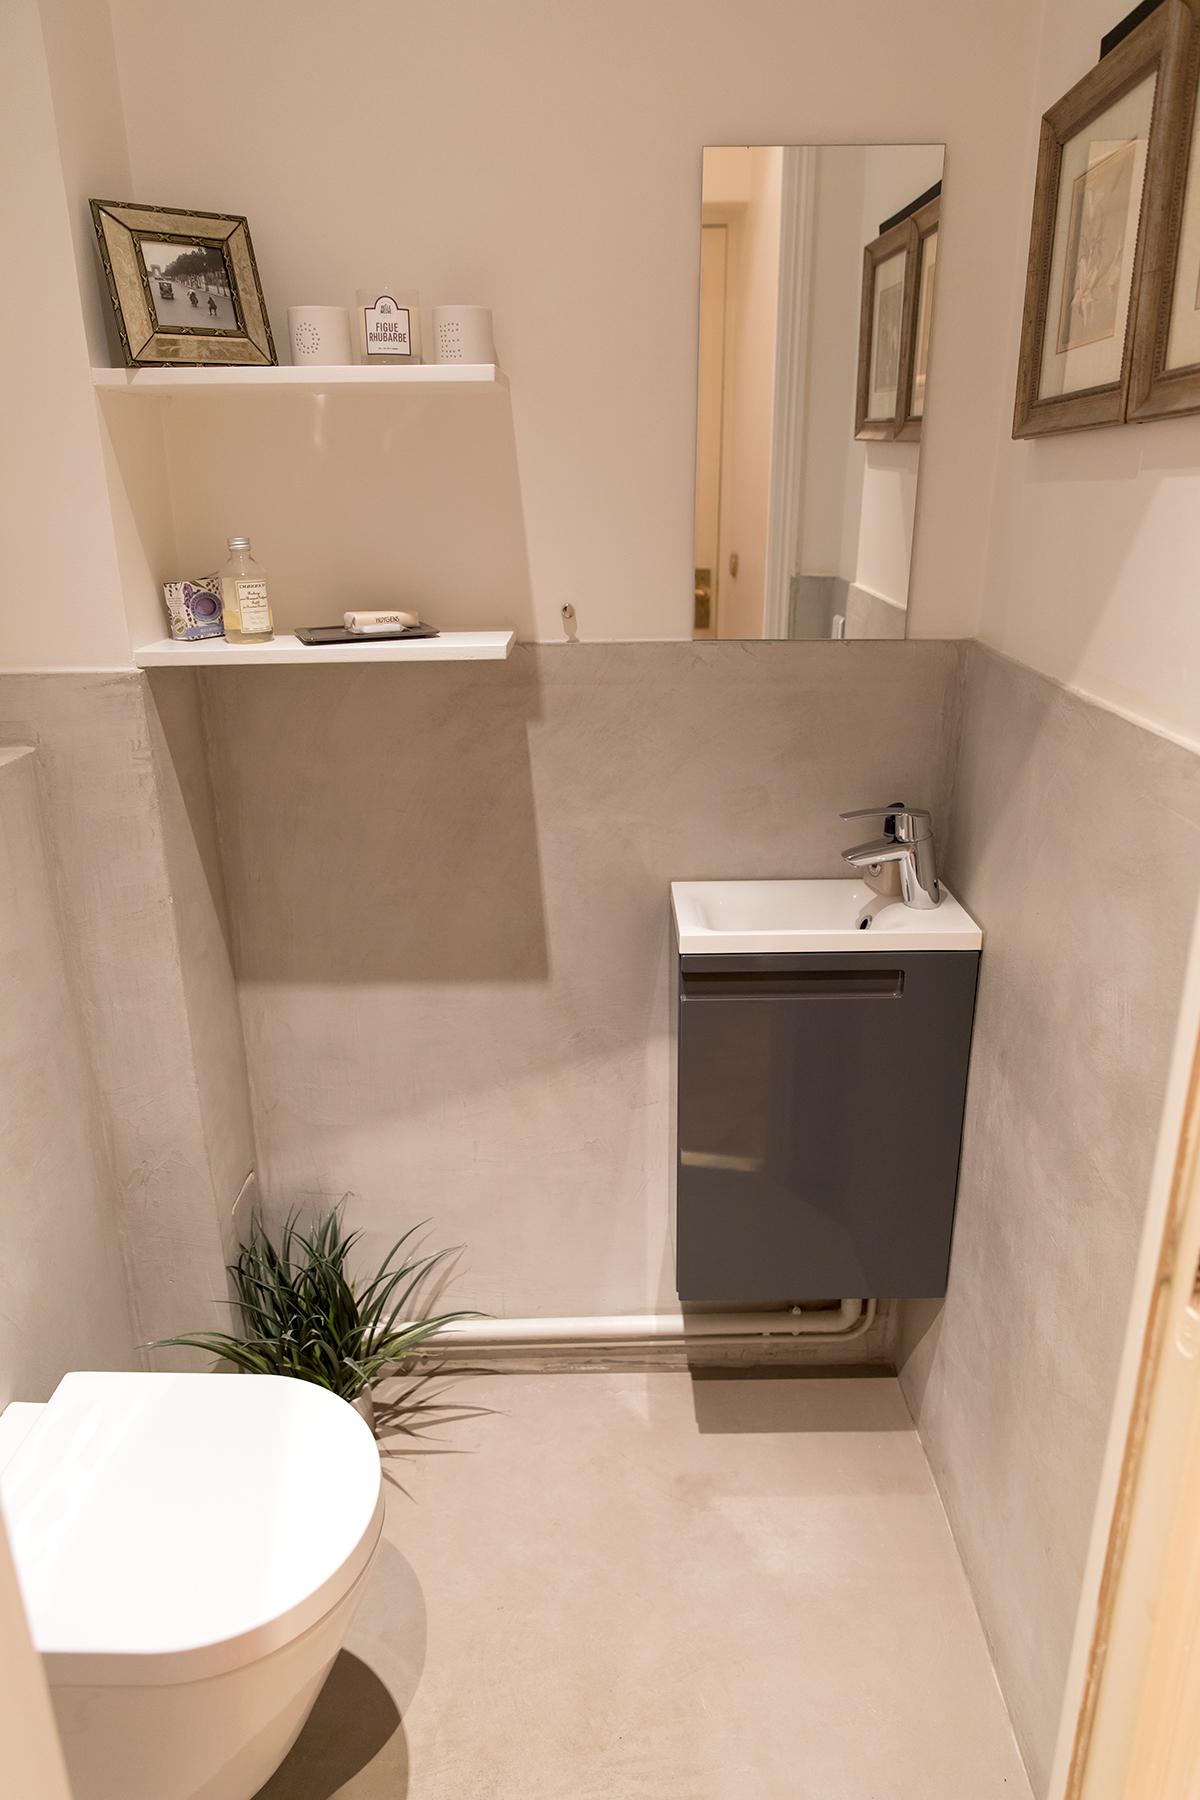 Toilet at Apartment Monceau Chic, 9th Arr, Paris